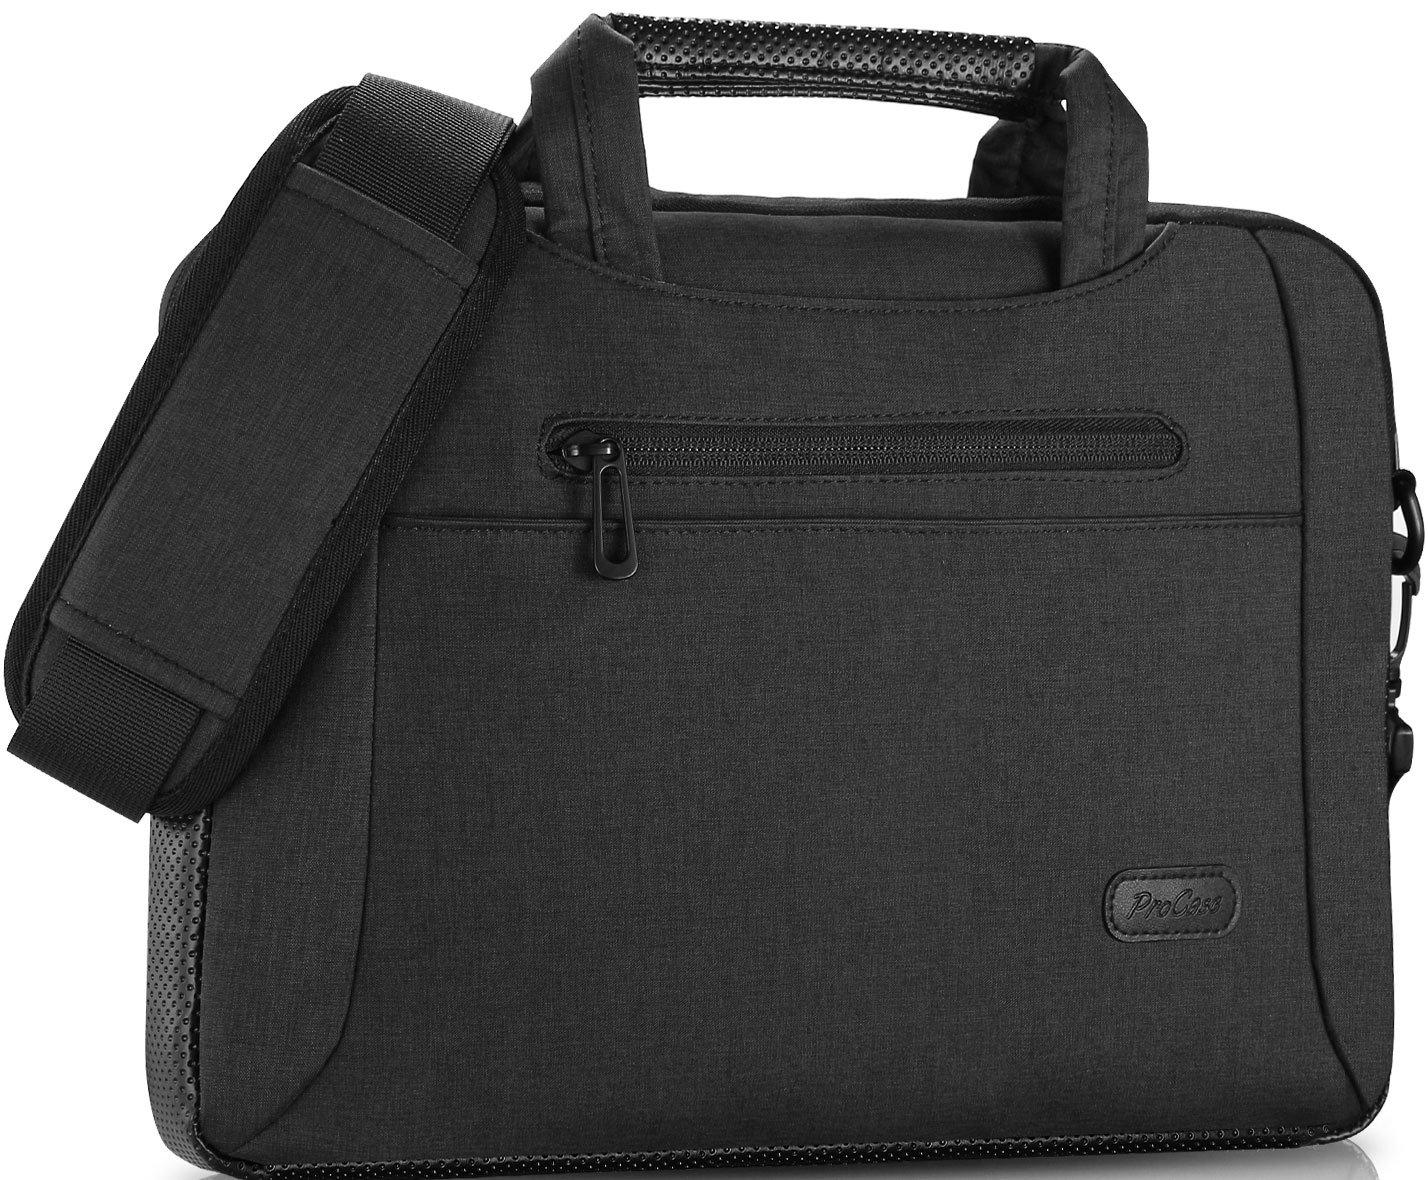 ProCase 13-13.5 Inch Laptop Bag Messenger Shoulder Bag Briefcase Sleeve Case for 13' MacBook Pro Air Surface Book, 12 13 Inch Laptop Ultrabook Notebook MacBook Chromebook Computer -Black PC-08360410